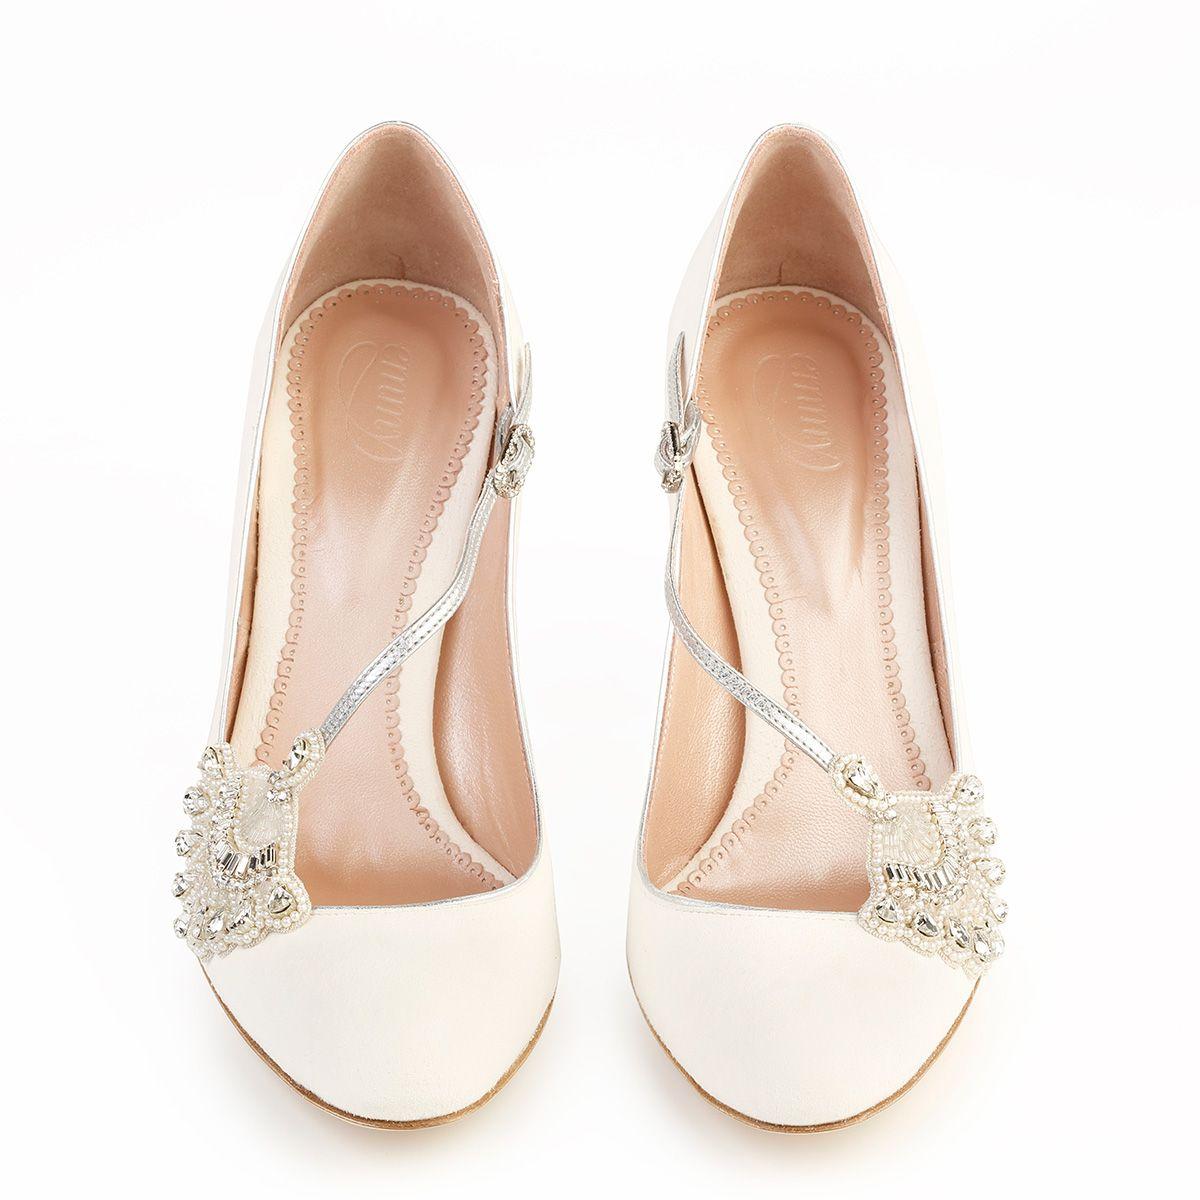 Zapato De Novia Elisabeth Por Emmy Shoes En Mr Right